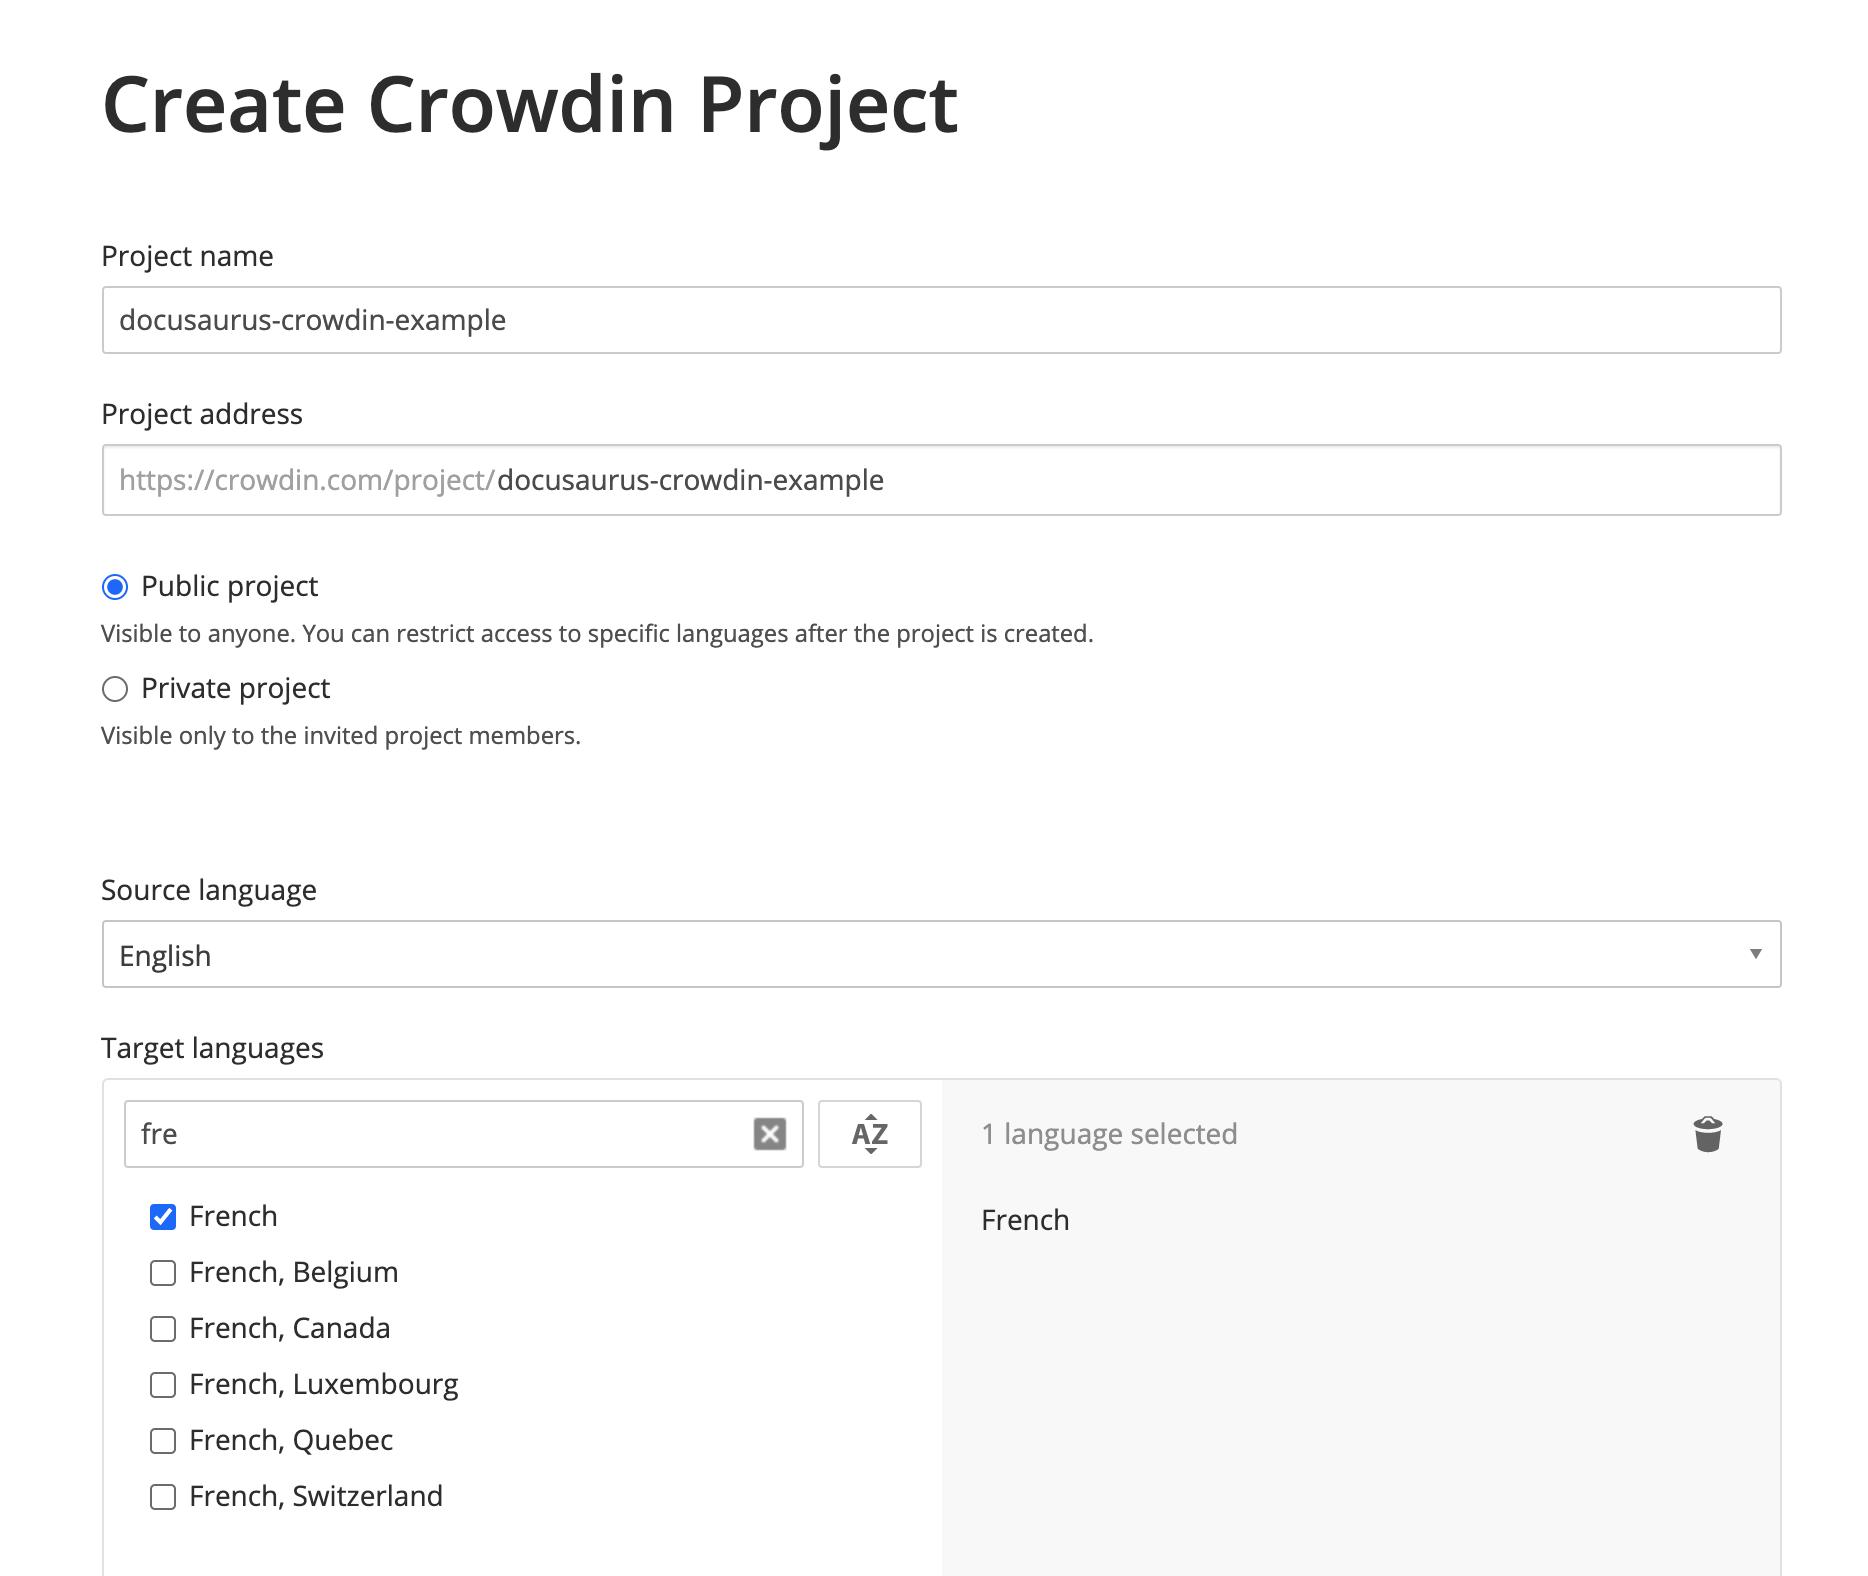 创建 Crowdin 项目,使用英语作为源语言,简体中文作为目标语言